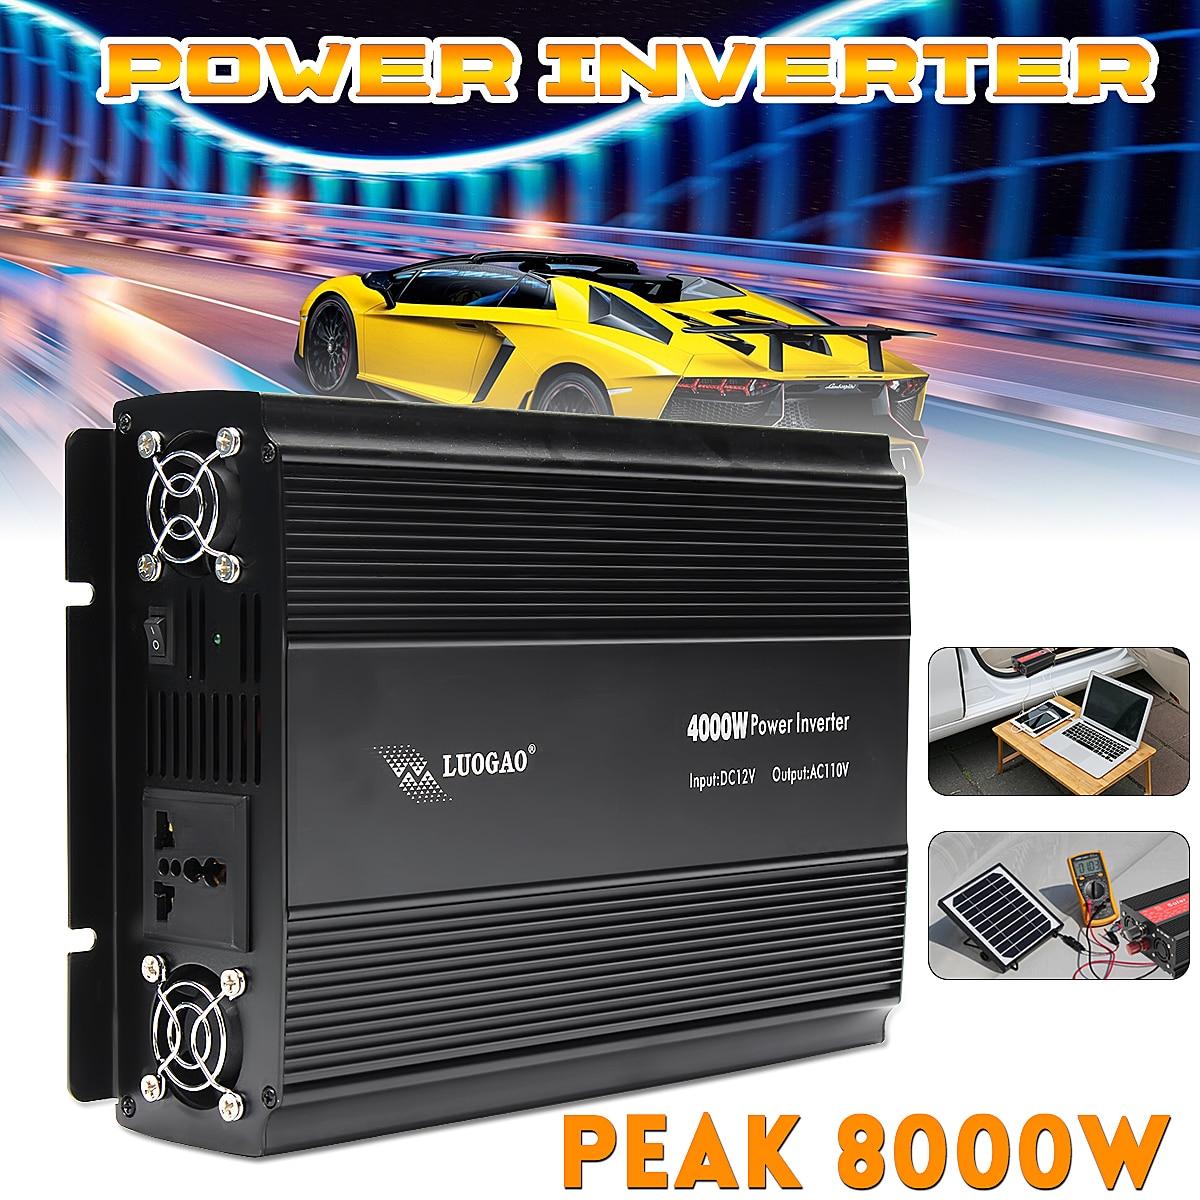 цена на Car Inverter 12V 220V/110V 4000W Power Inverter Peak- 8000W voltage transformer Adapter Charger Square Wave Modified Sine Wave